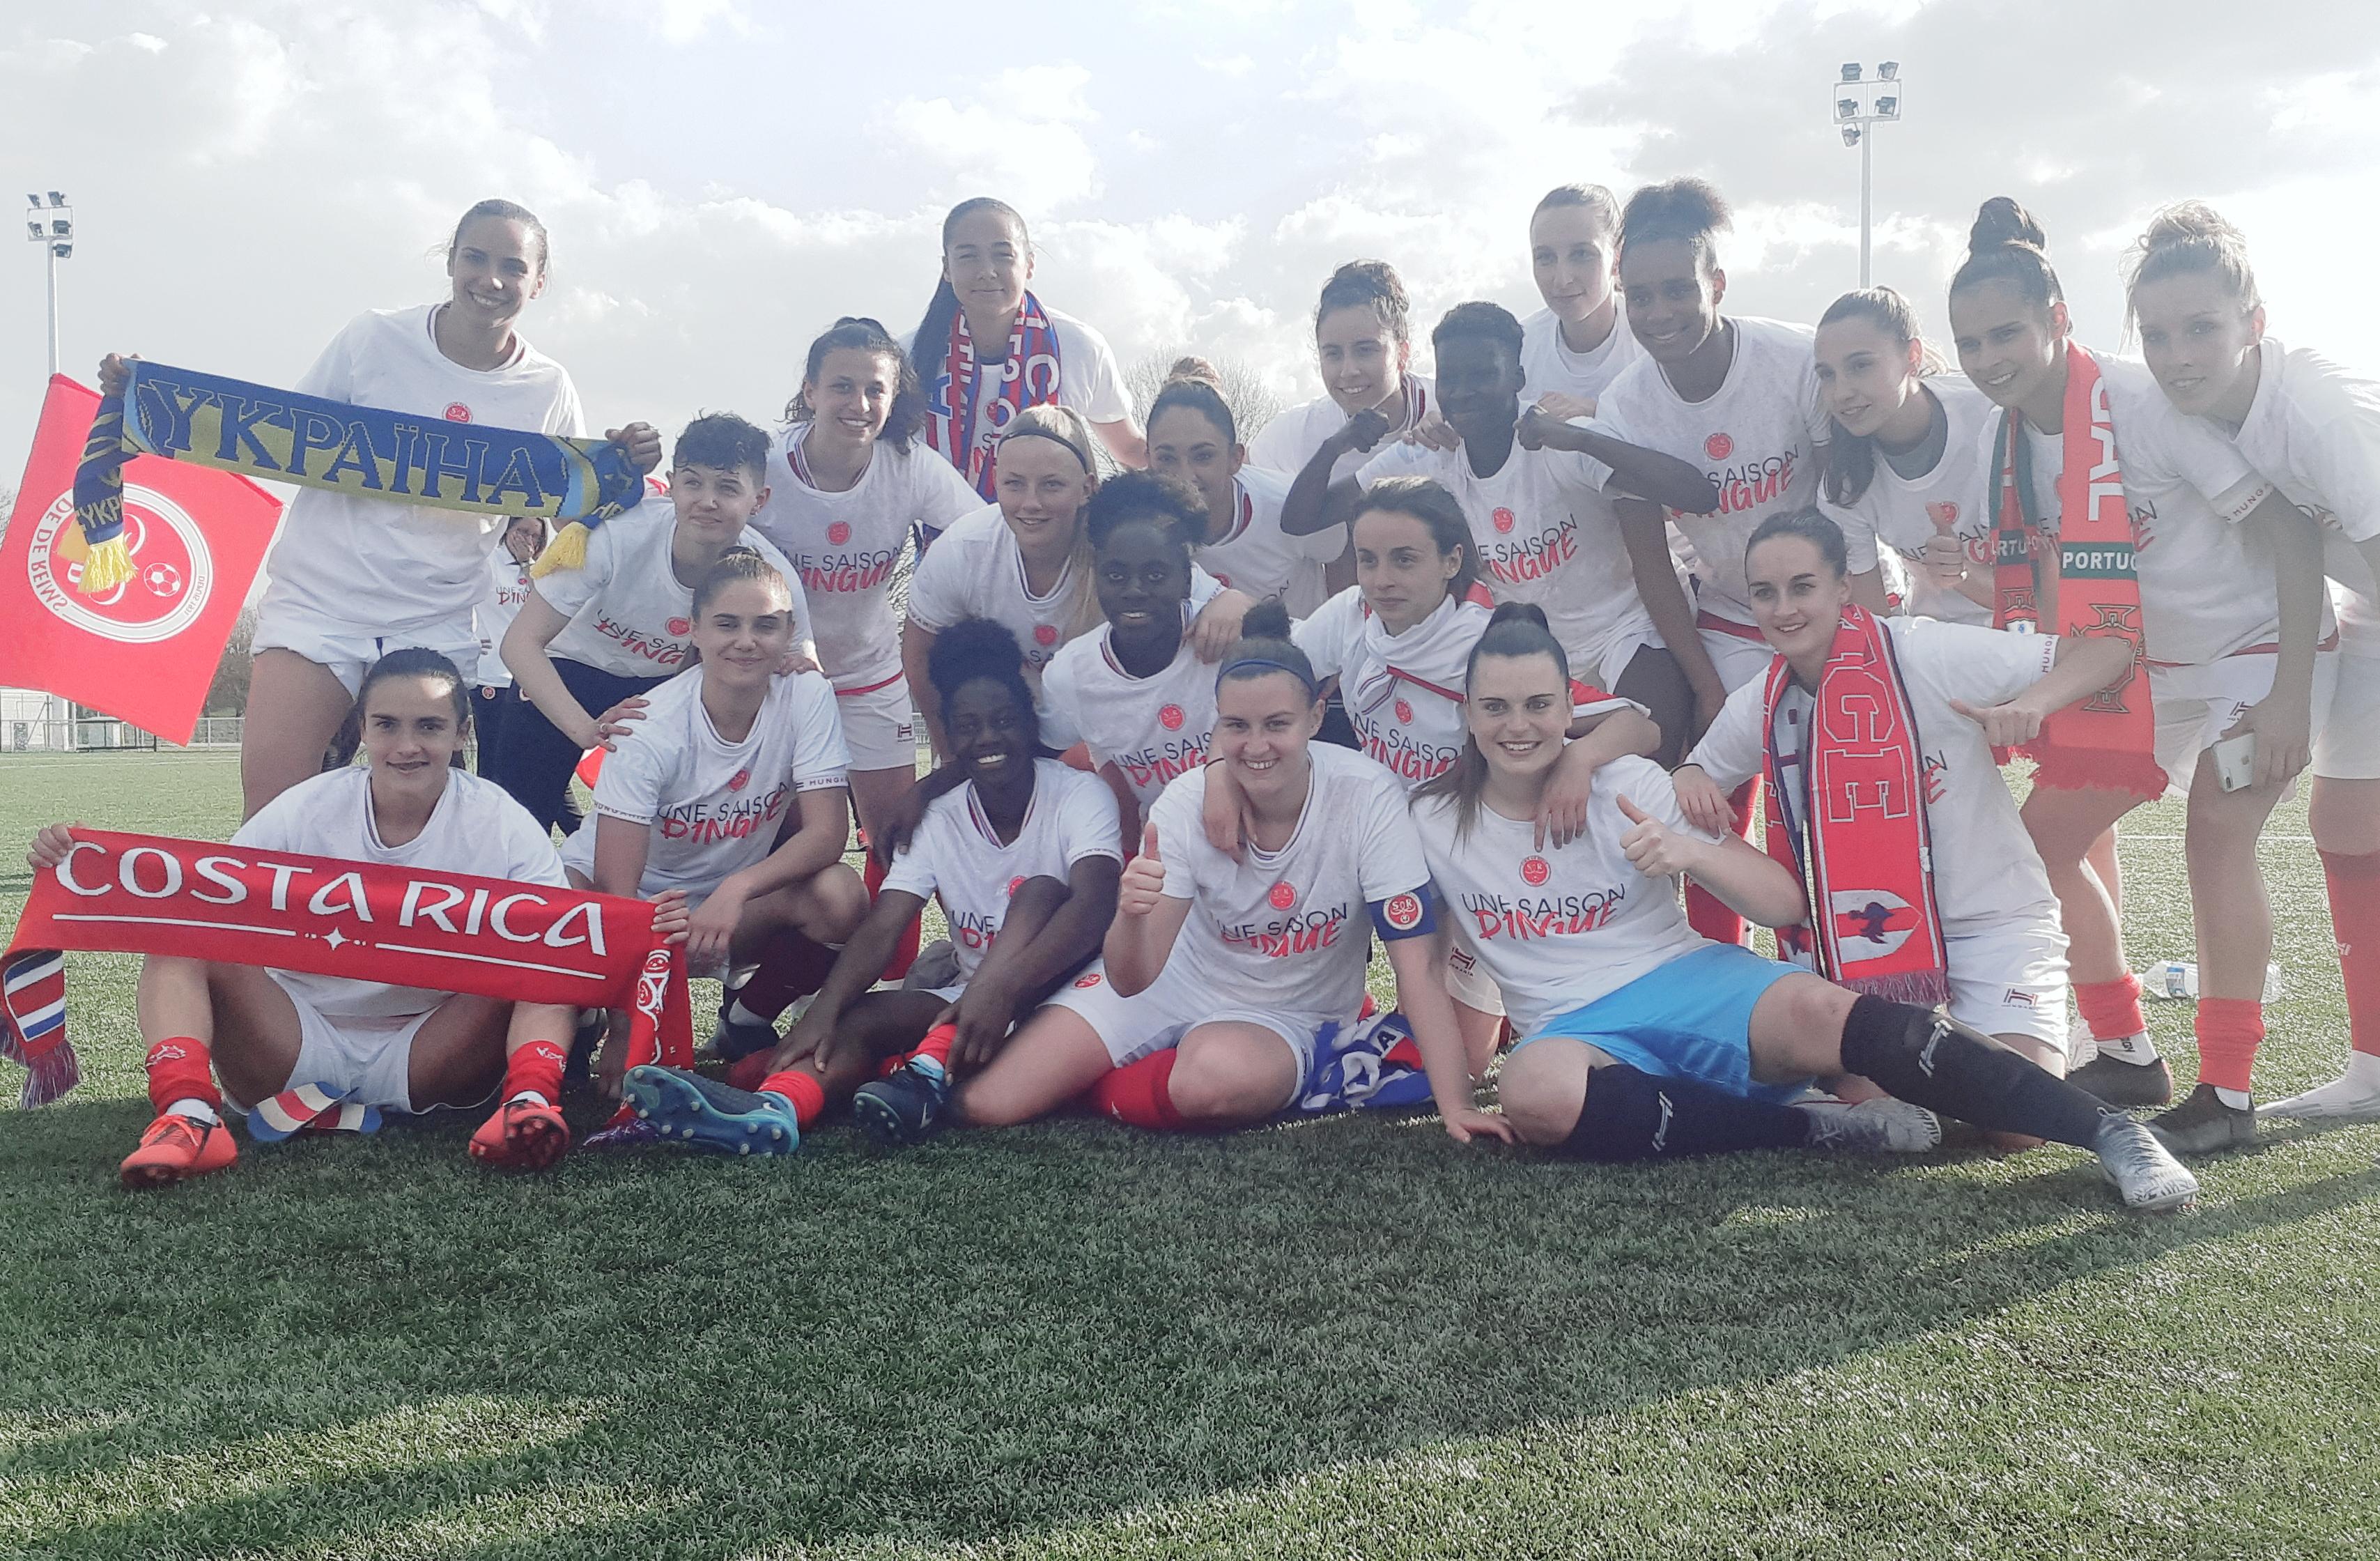 Le Stade De Reims Feminin En D1 Malgre Sa Premiere Defaite Sport Club